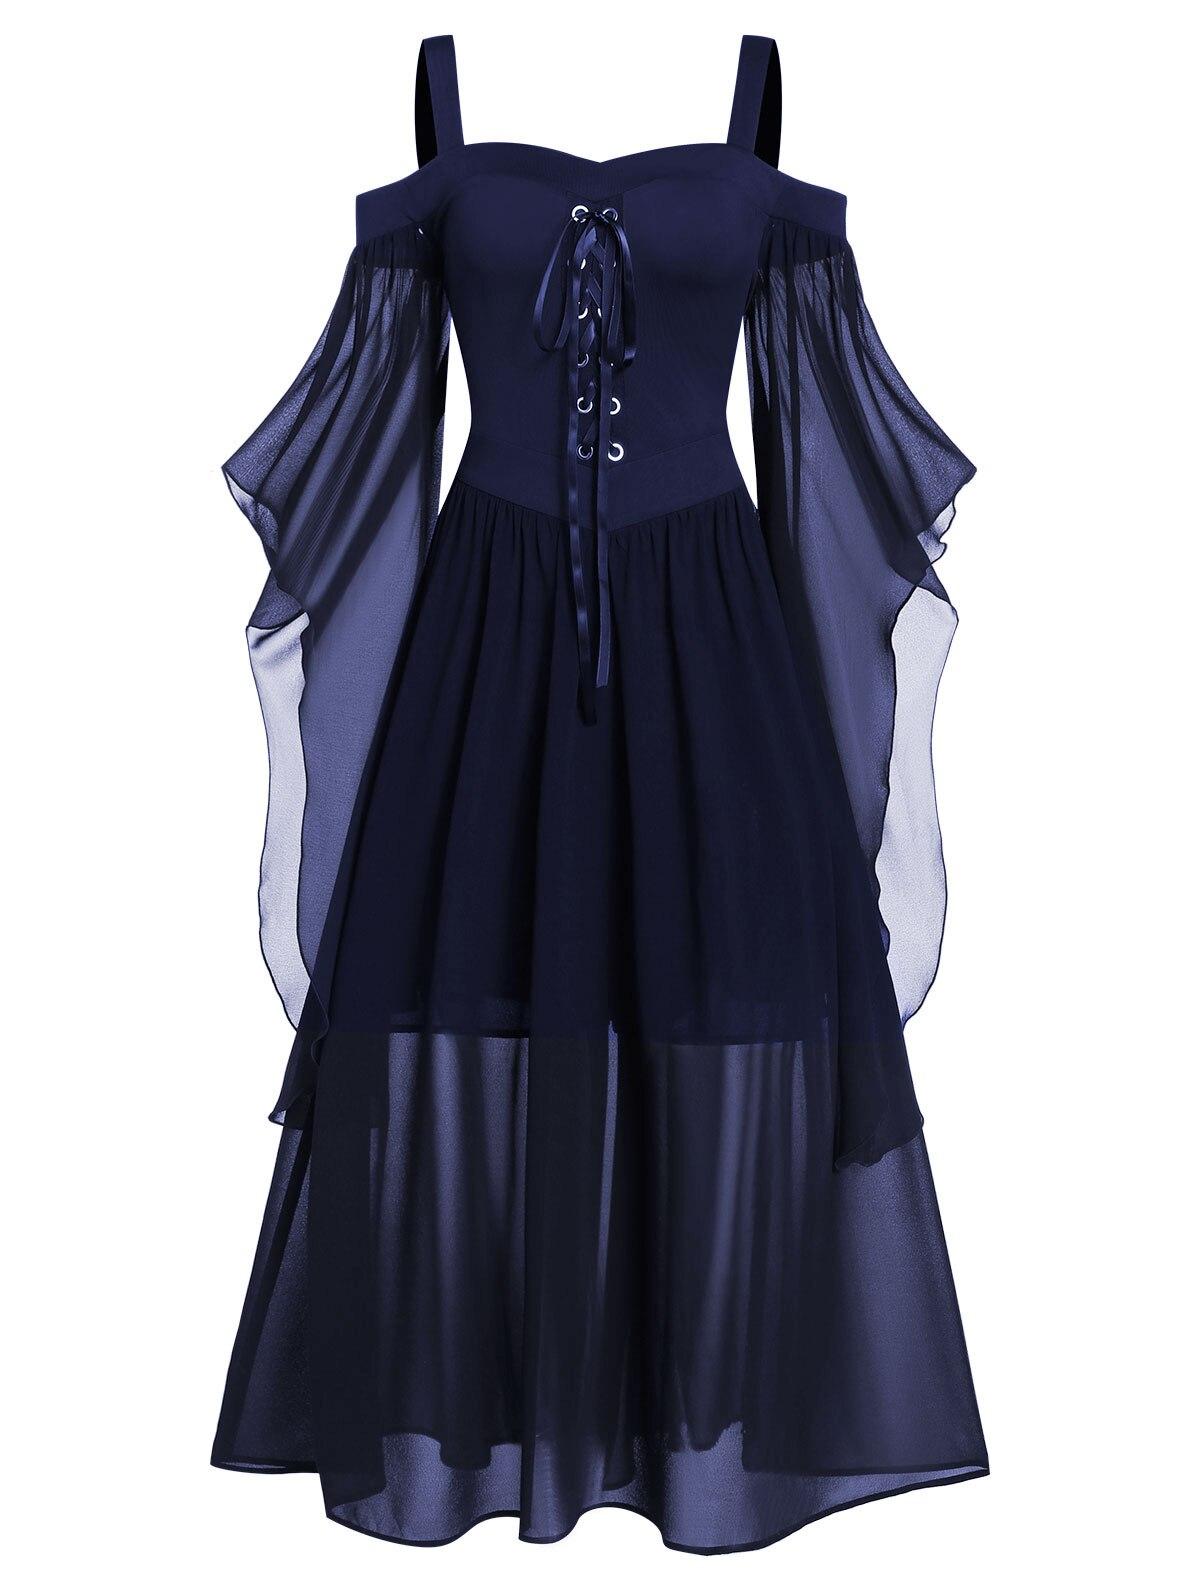 Rosegal 5XL grande taille Maxi robe froide épaule papillon manches à lacets robe d'halloween gothique fête femmes robe Vintage - 2